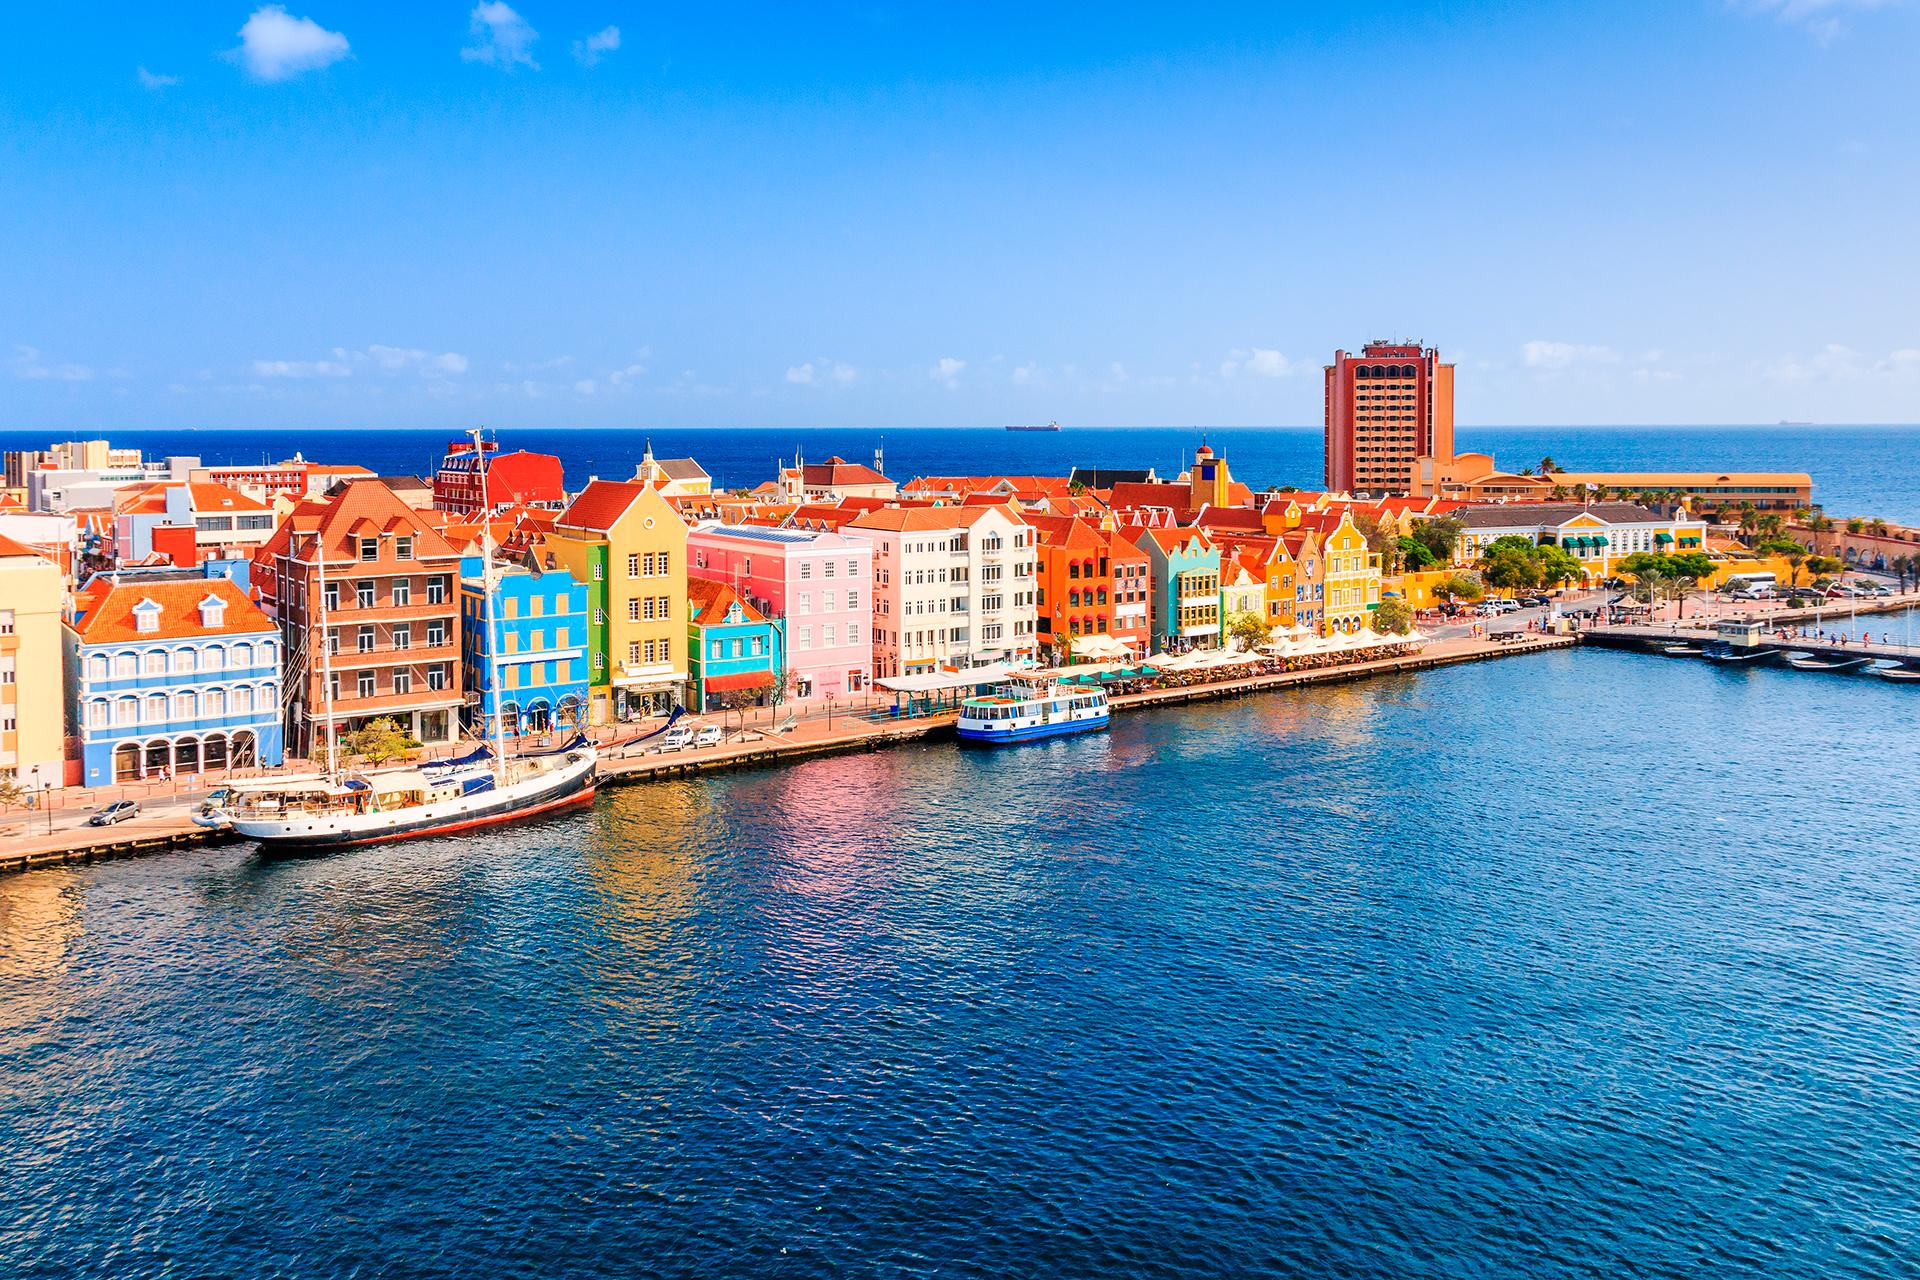 Curazao, una isla neerlandesa del Caribe, es conocida por sus playas ubicadas en ensenadas y sus extensos arrecifes de coral con abundante fauna marina. En esta isla del Caribe sur, la vida transcurre a ritmo casi de pueblo entre el color de arquitectura holandesa y bajo un sol abrasador